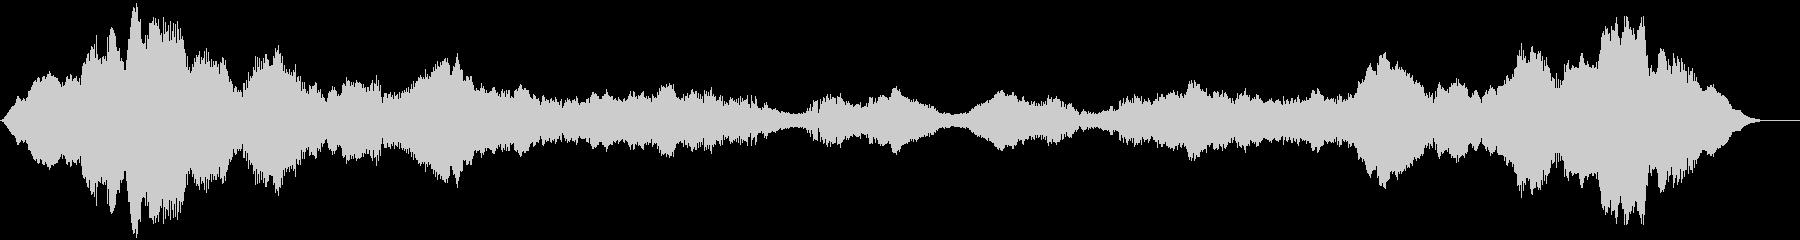 スパースの霊的な光の波のテクスチャの未再生の波形